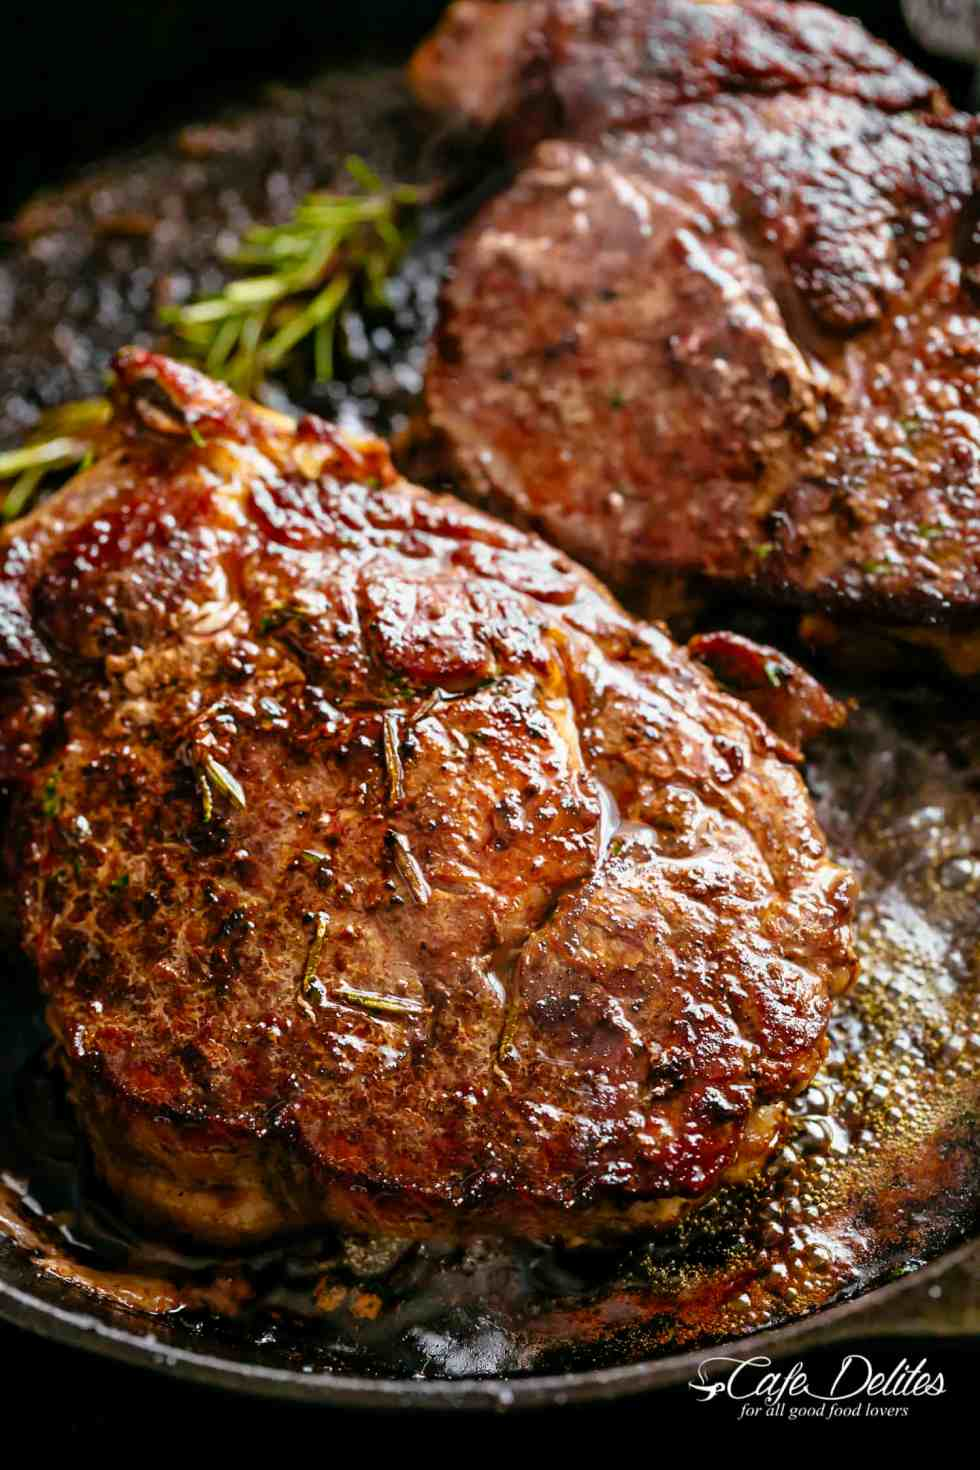 Steakhouse Steak | cafedelites.com